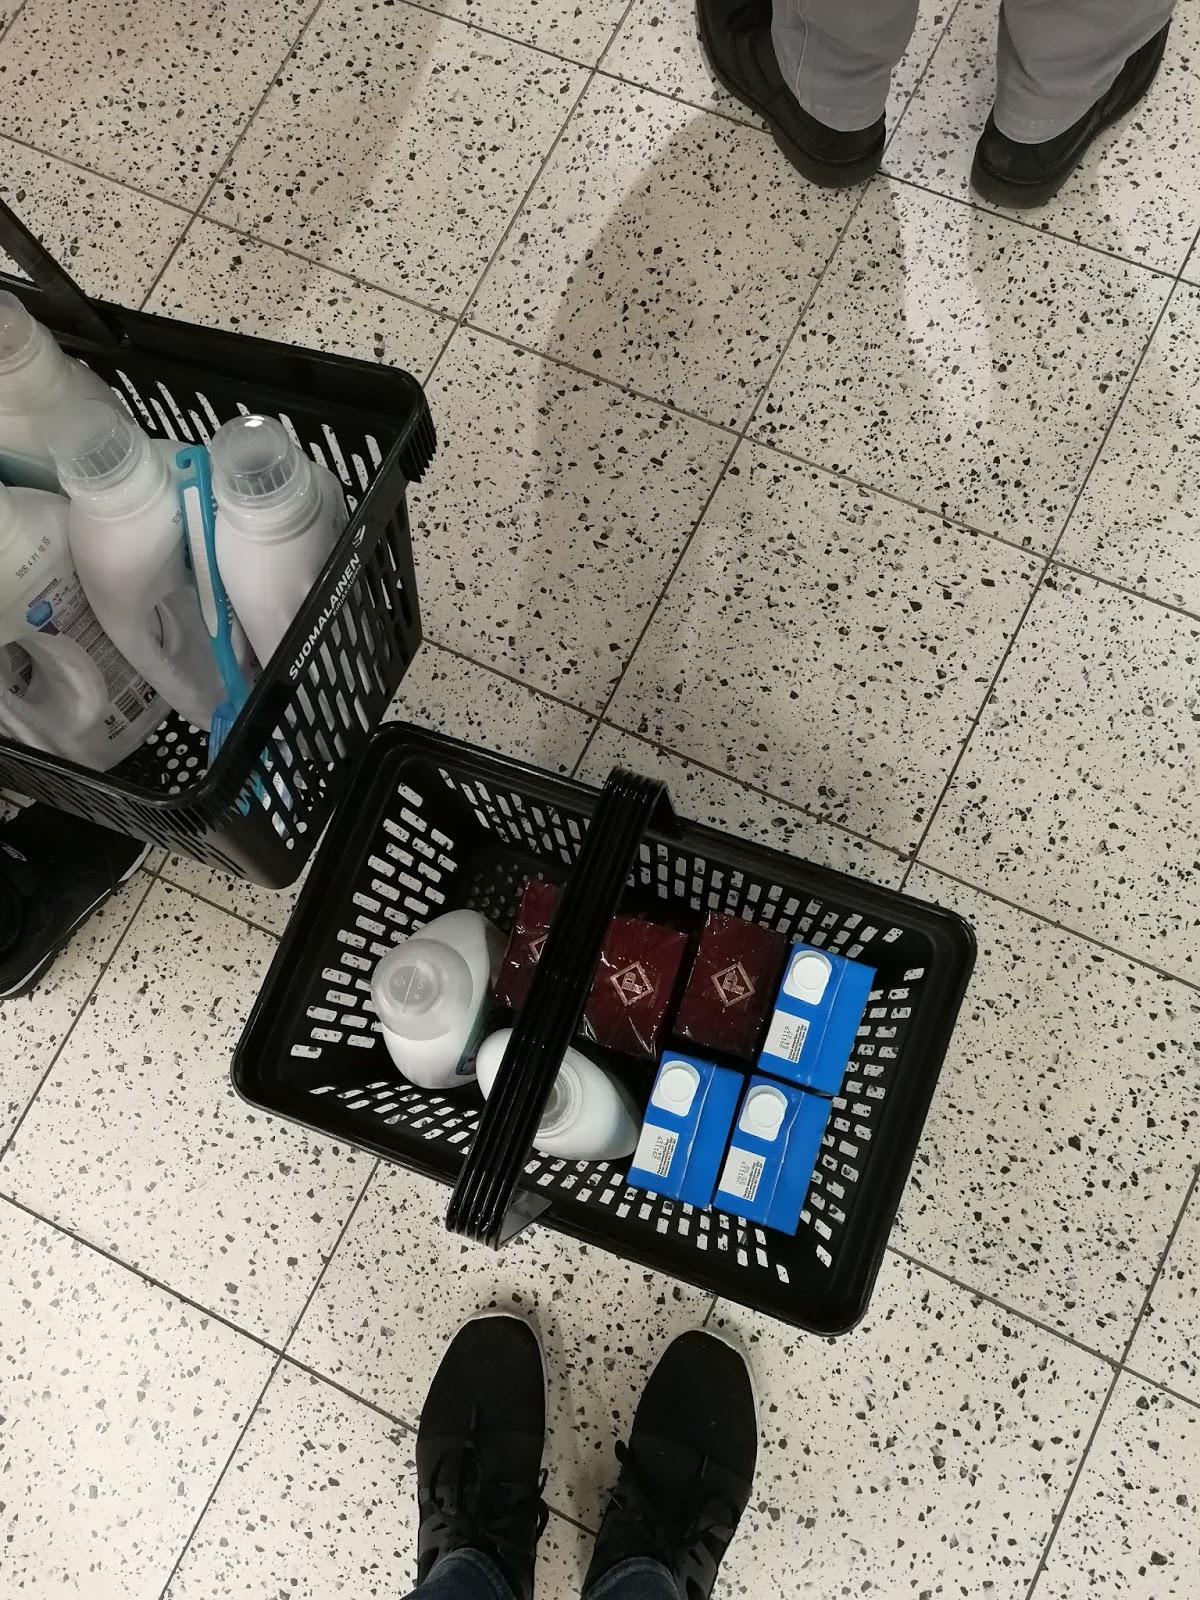 s-market plaza suomalainen kirjakauppa pesuaine kahvi maito tiskiharja kauppa